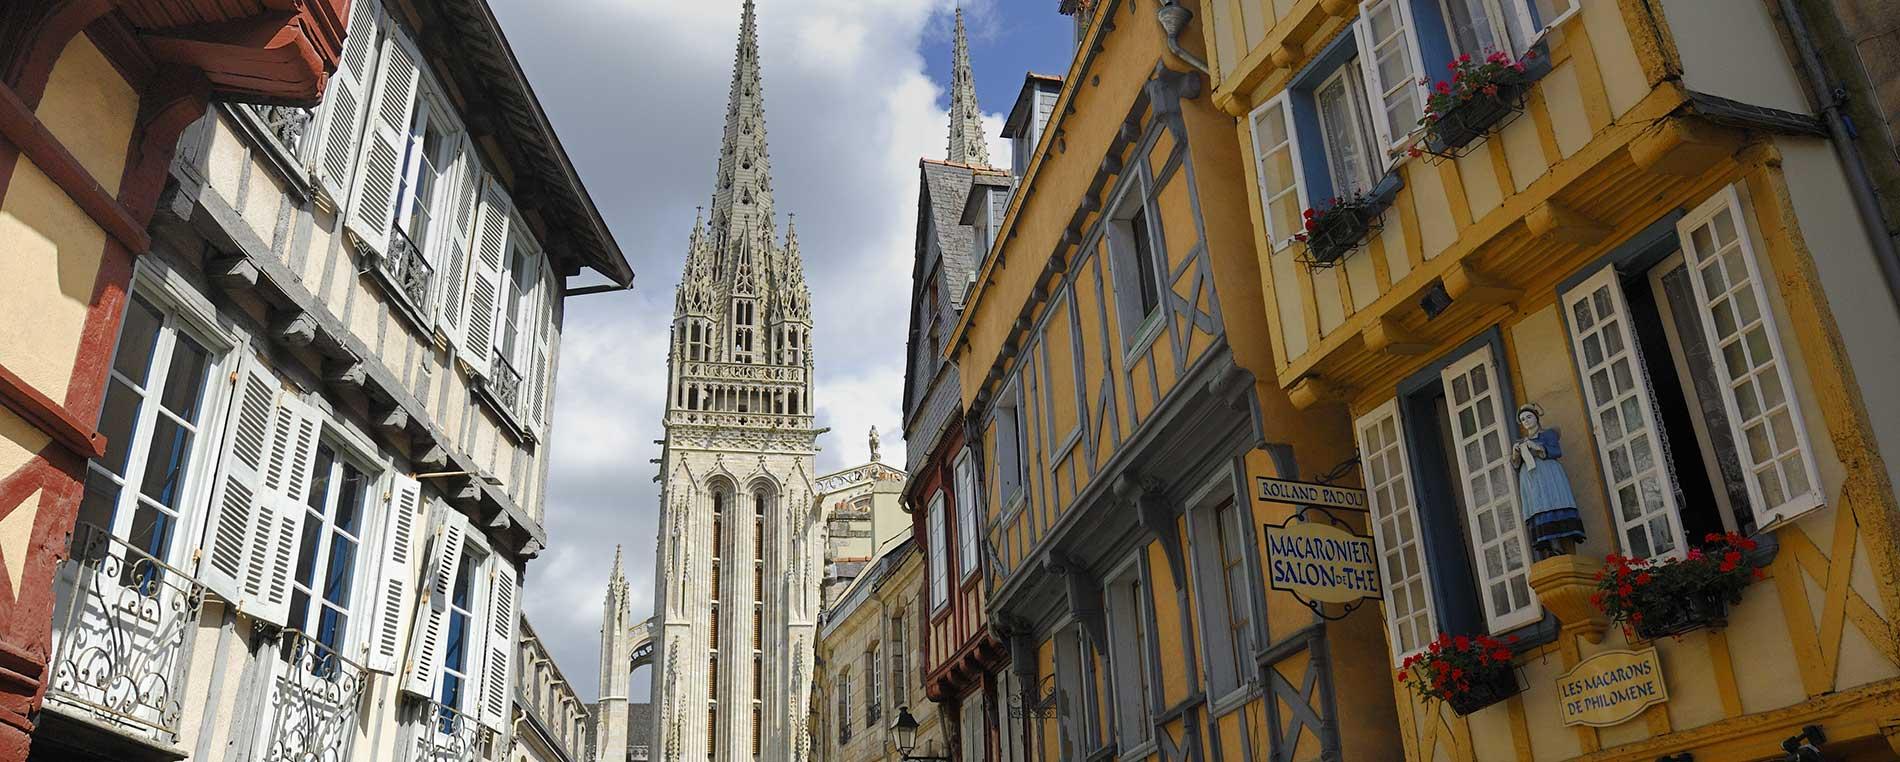 Congrès à Quimper : voyage au coeur de l'âme bretonne